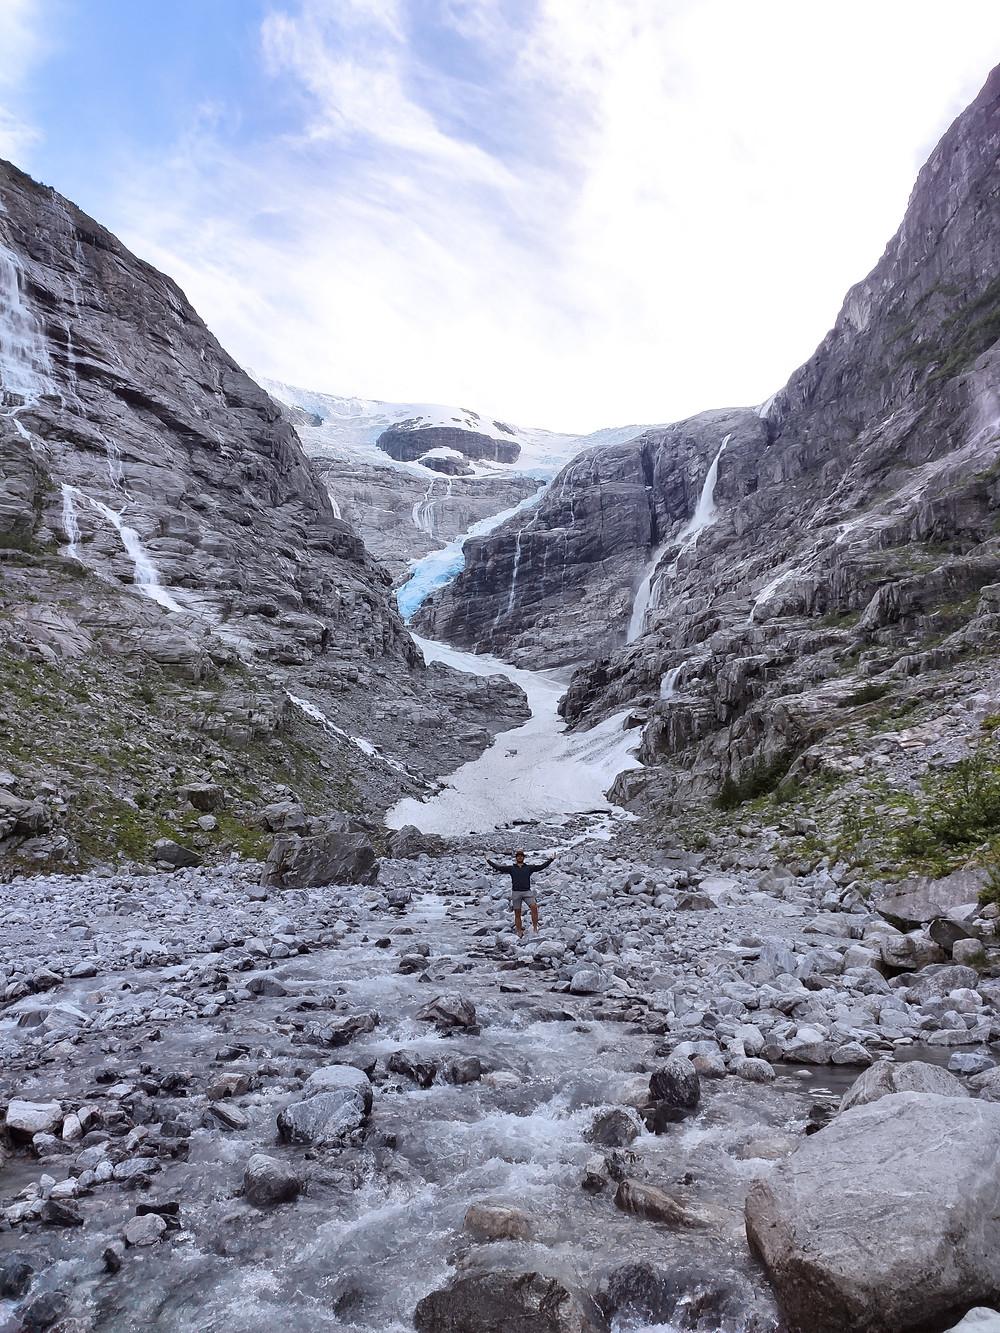 Kjenndals Glacier in Lovatnet Western Norway